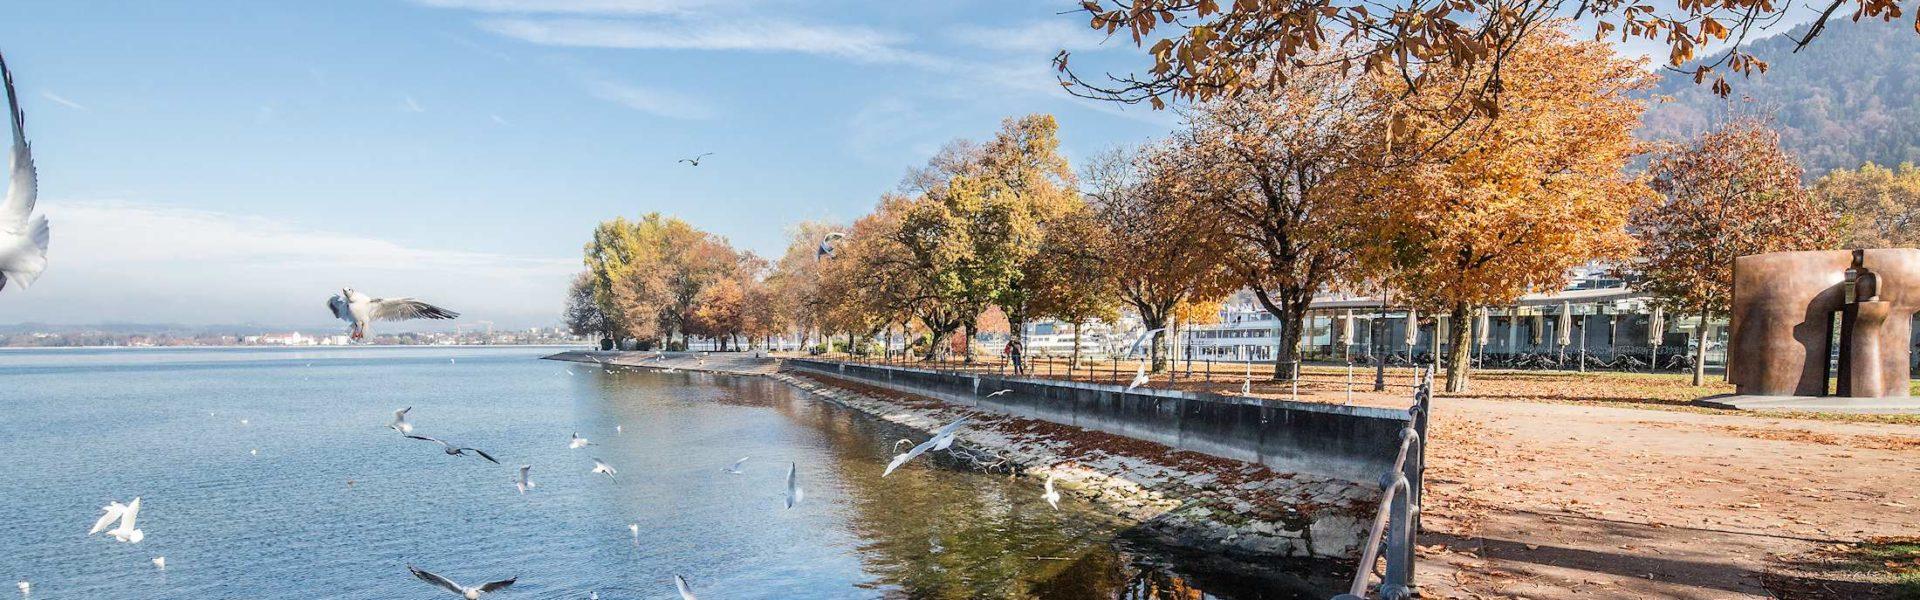 Herbst am Bodensee Ufer, Bregenz, Urlaub in Vorarlberg (c) Petra Rainer, Bodensee-Vorarlberg Tourismus